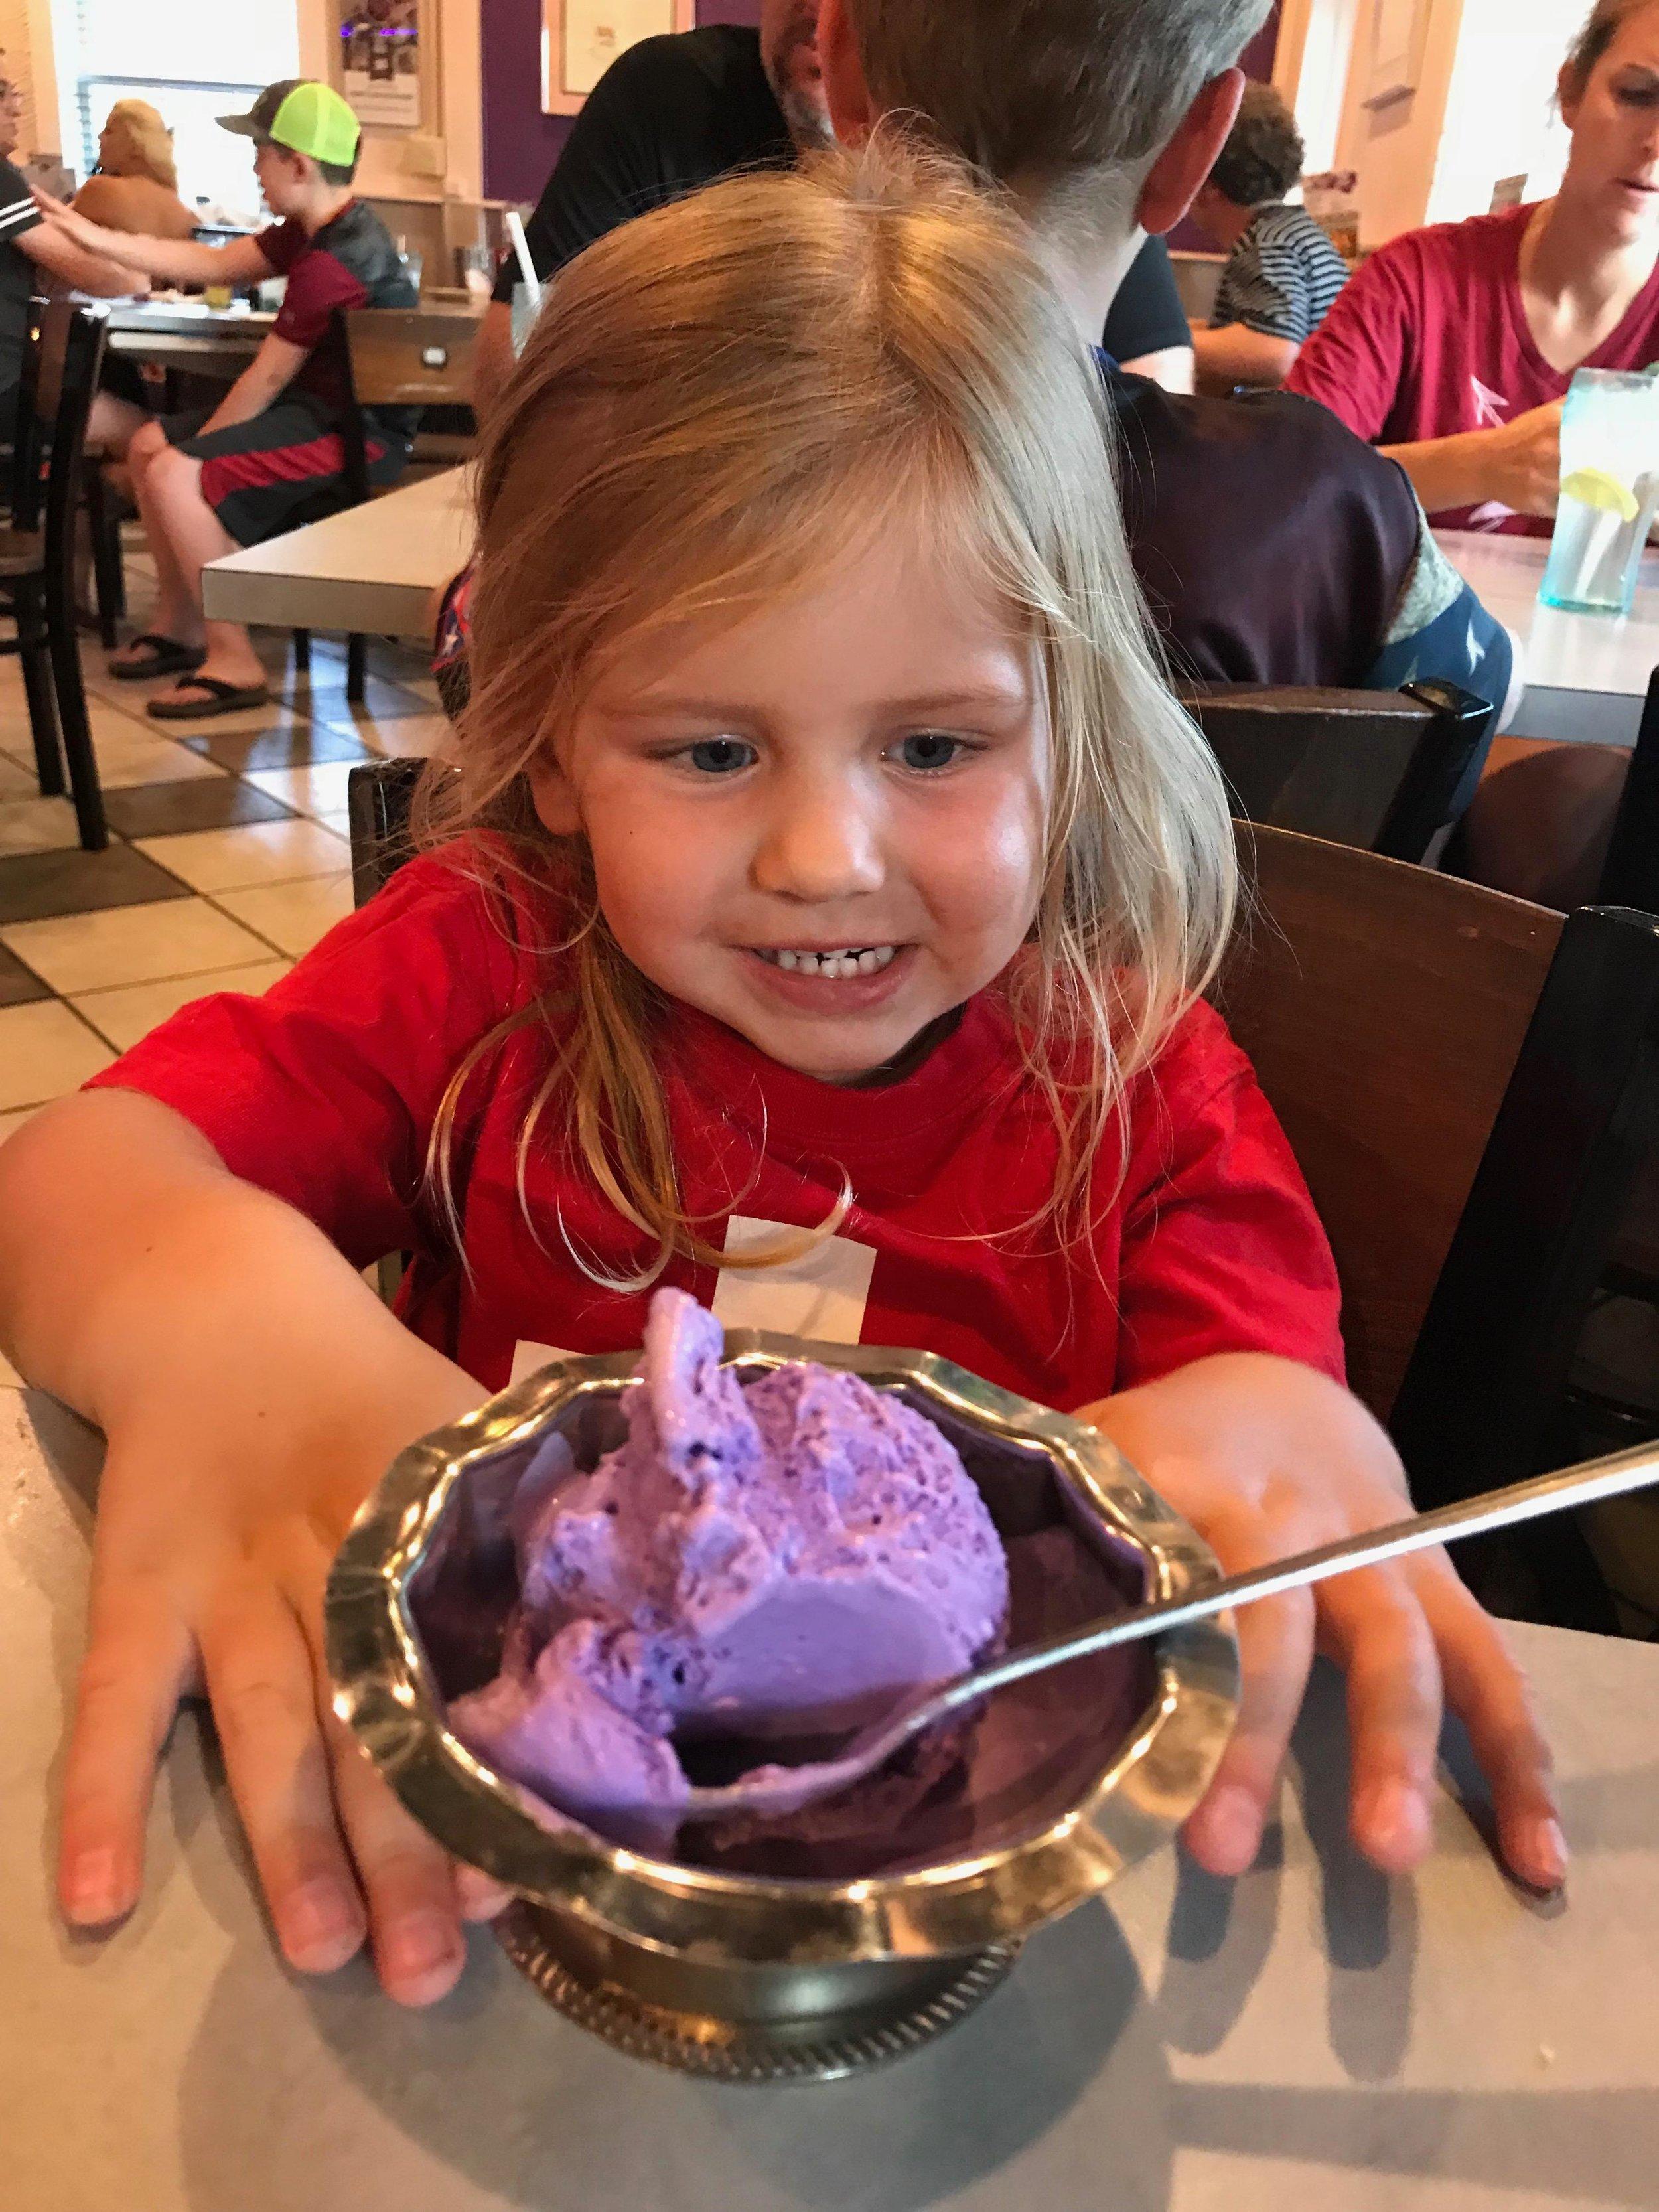 When Purple & Ice Cream are life